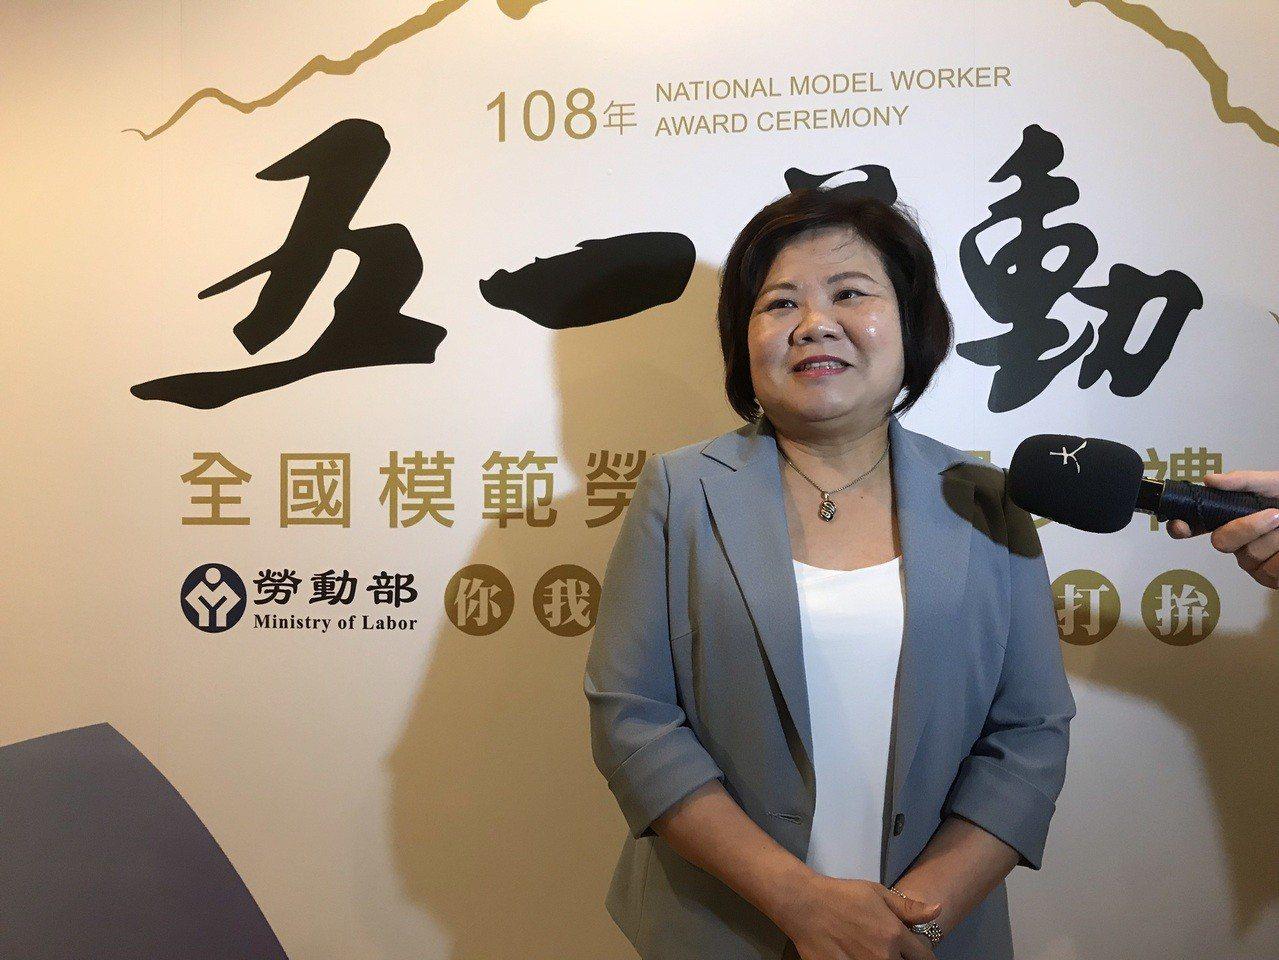 勞動部長許銘春今下午出席全國模範勞工表揚典禮。記者葉冠妤/攝影